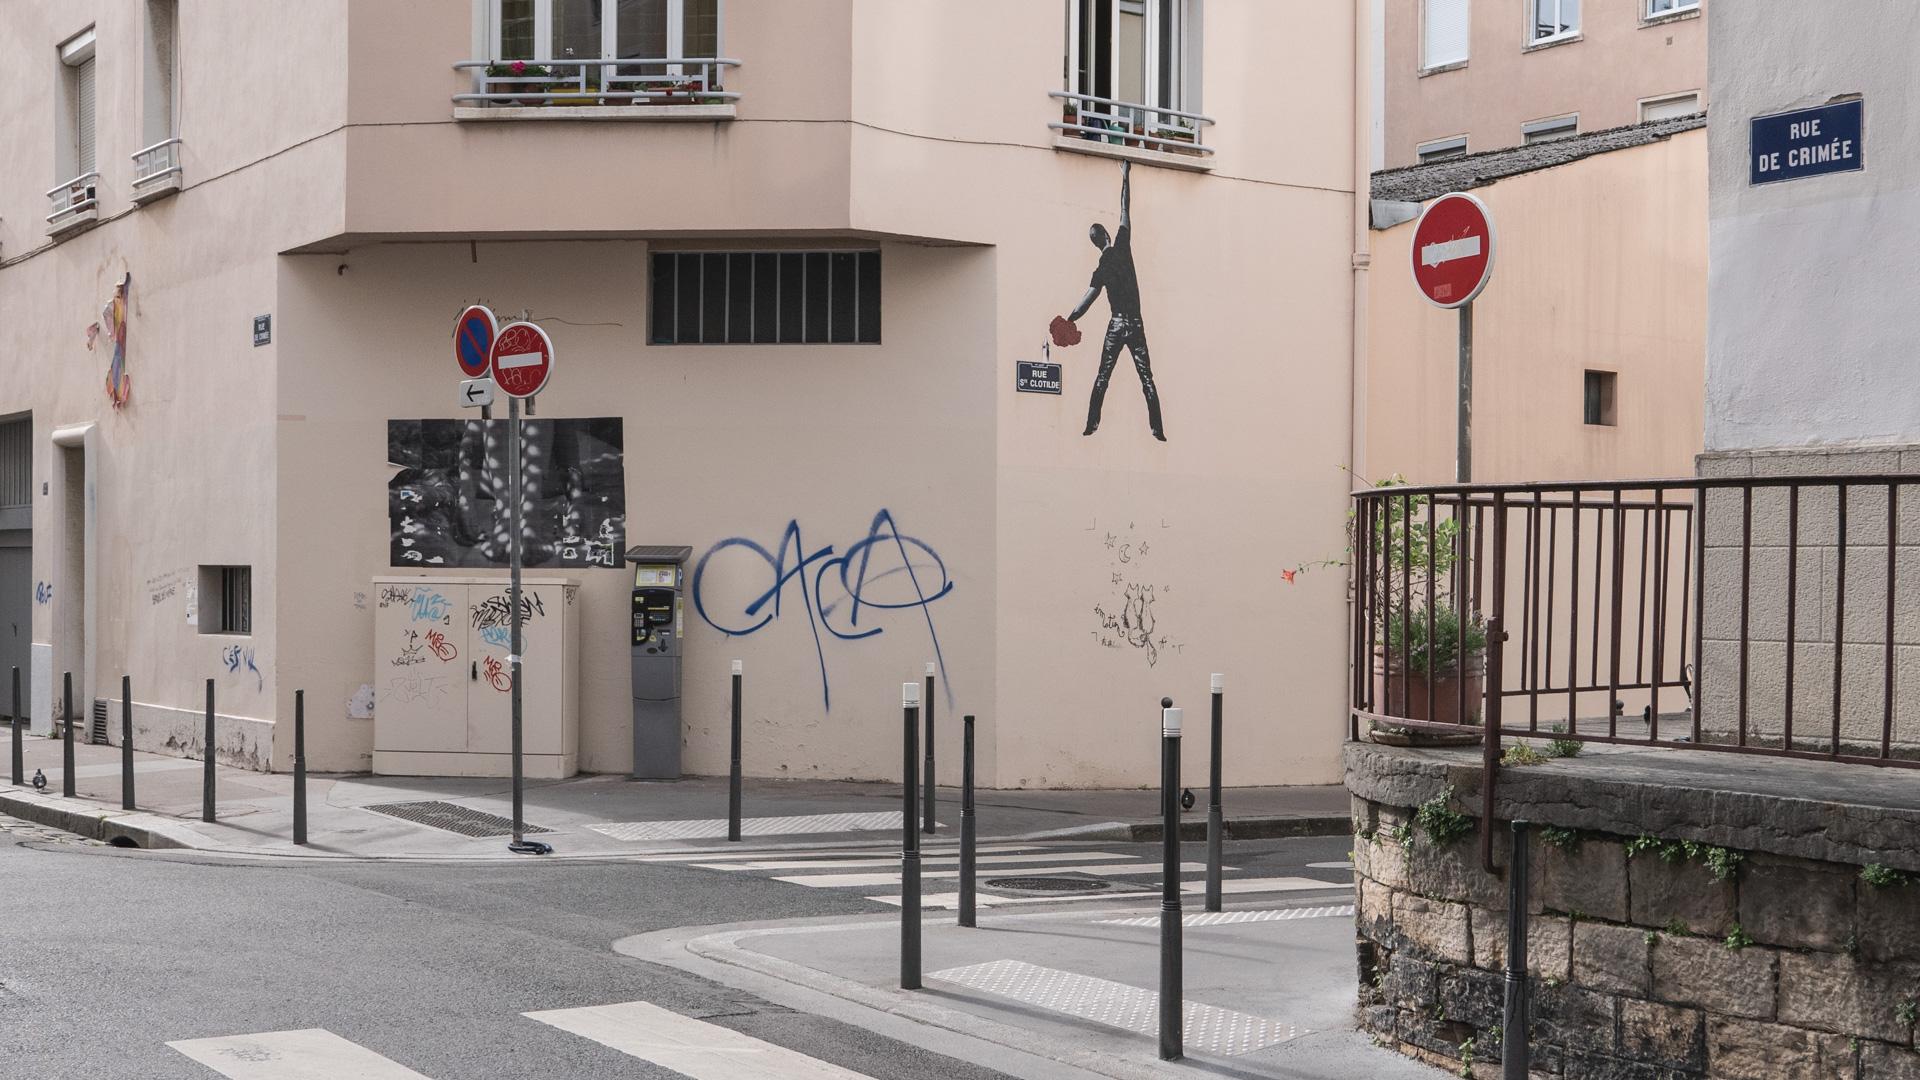 lyon-graffiti-rue-de-crimee.jpg